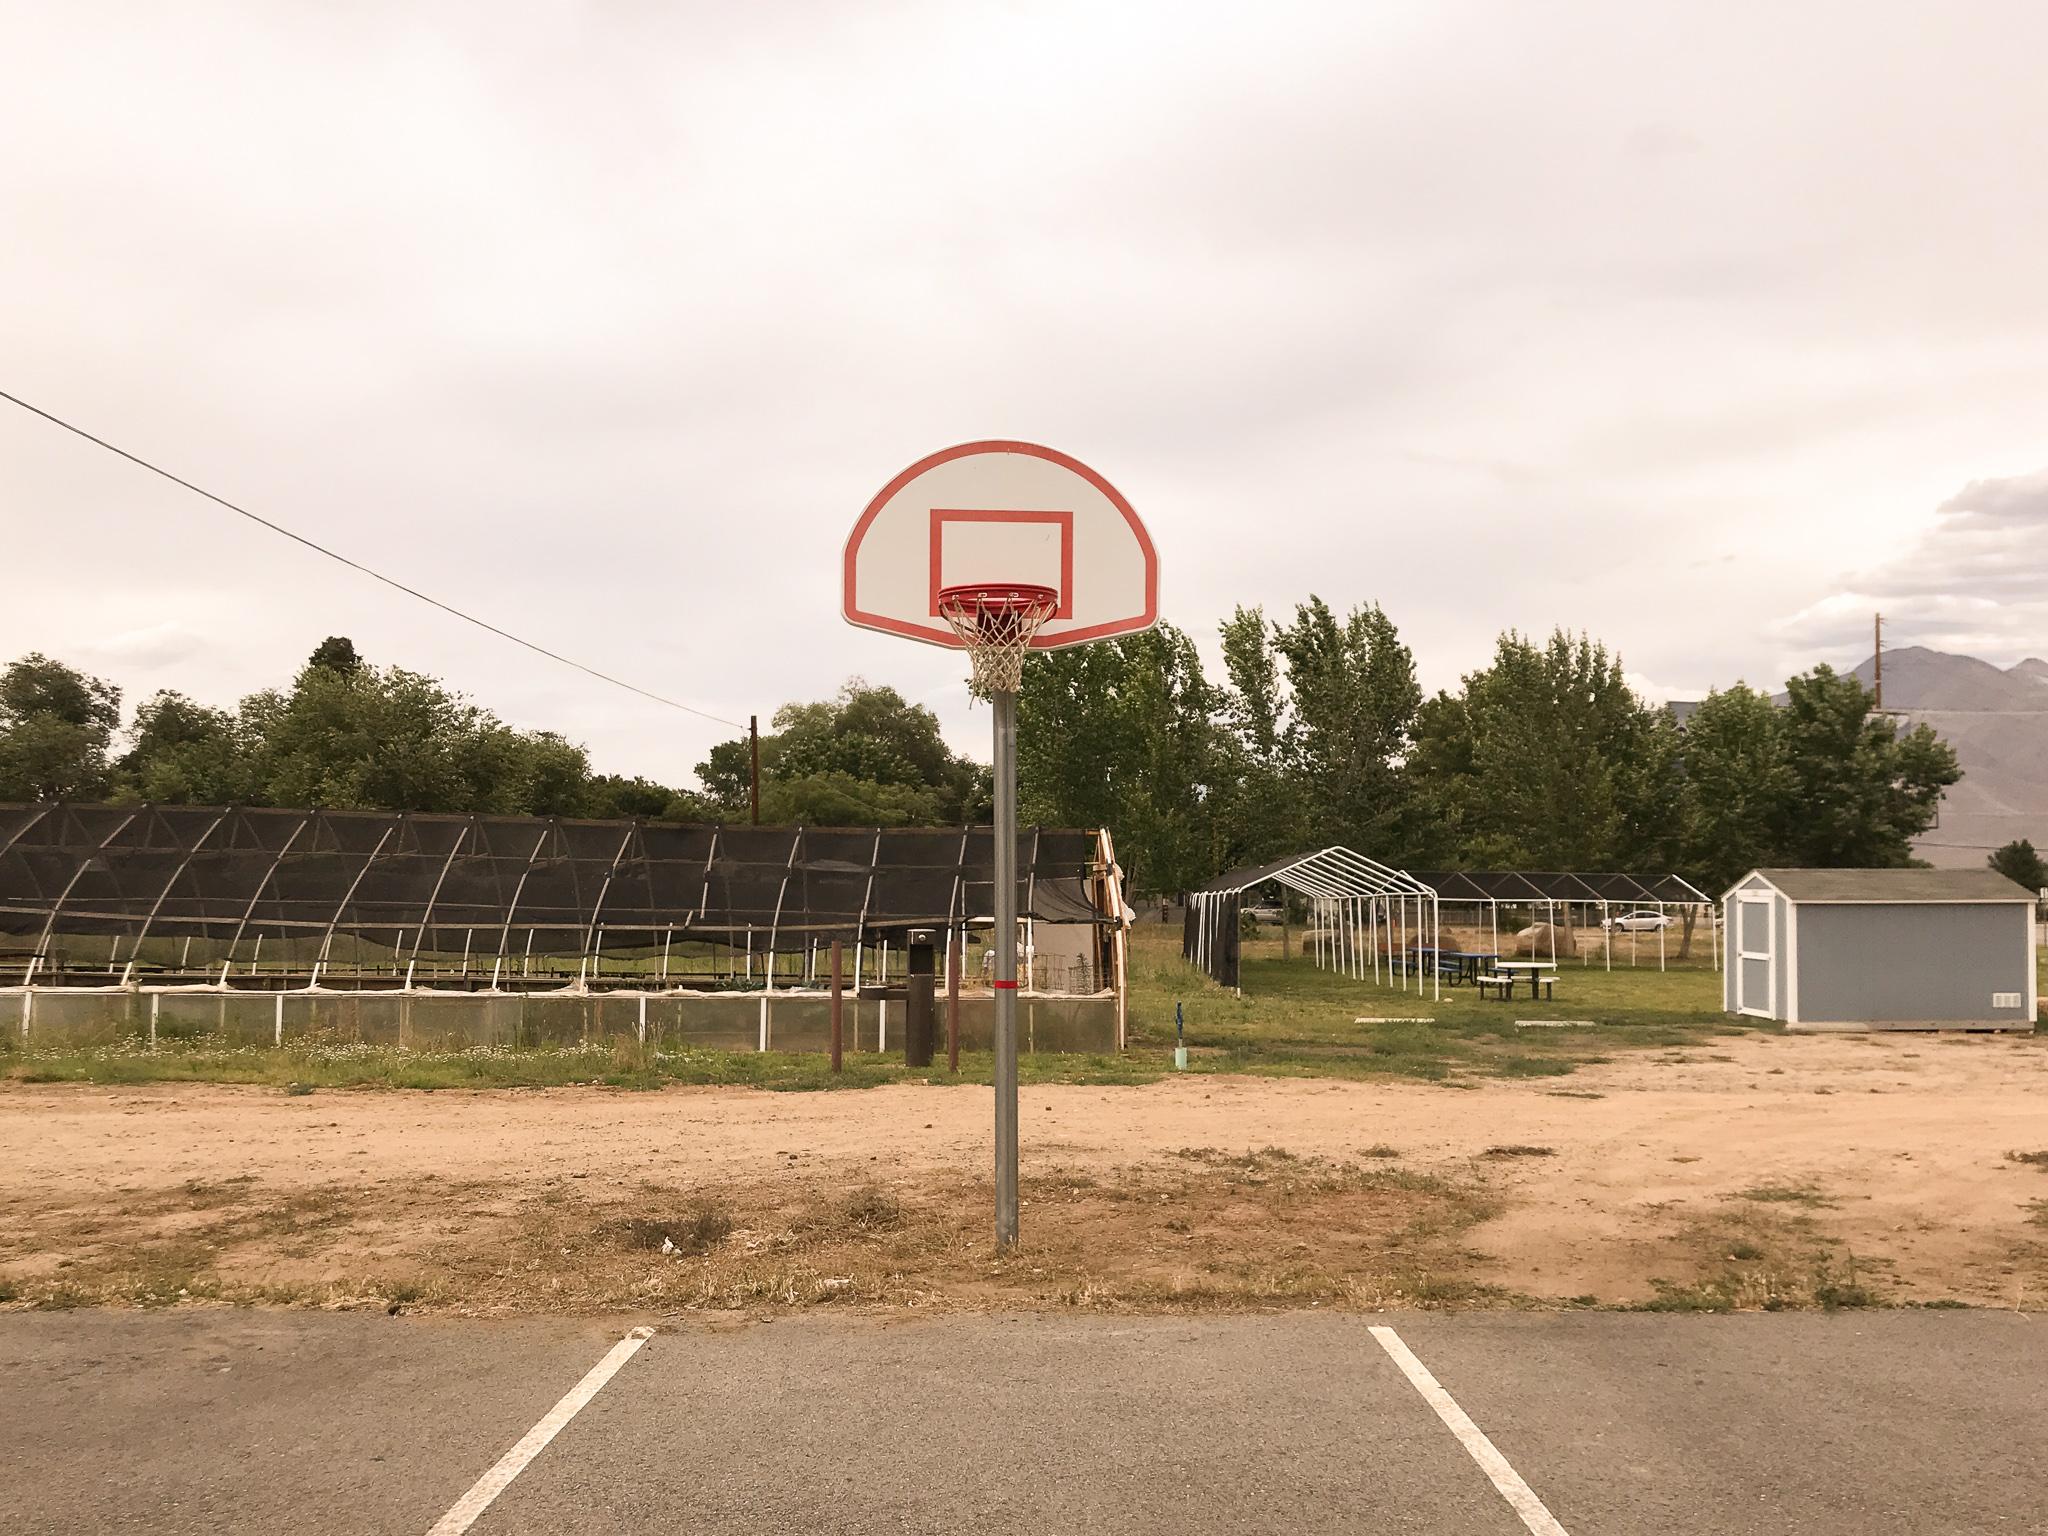 Parking lot basketball court